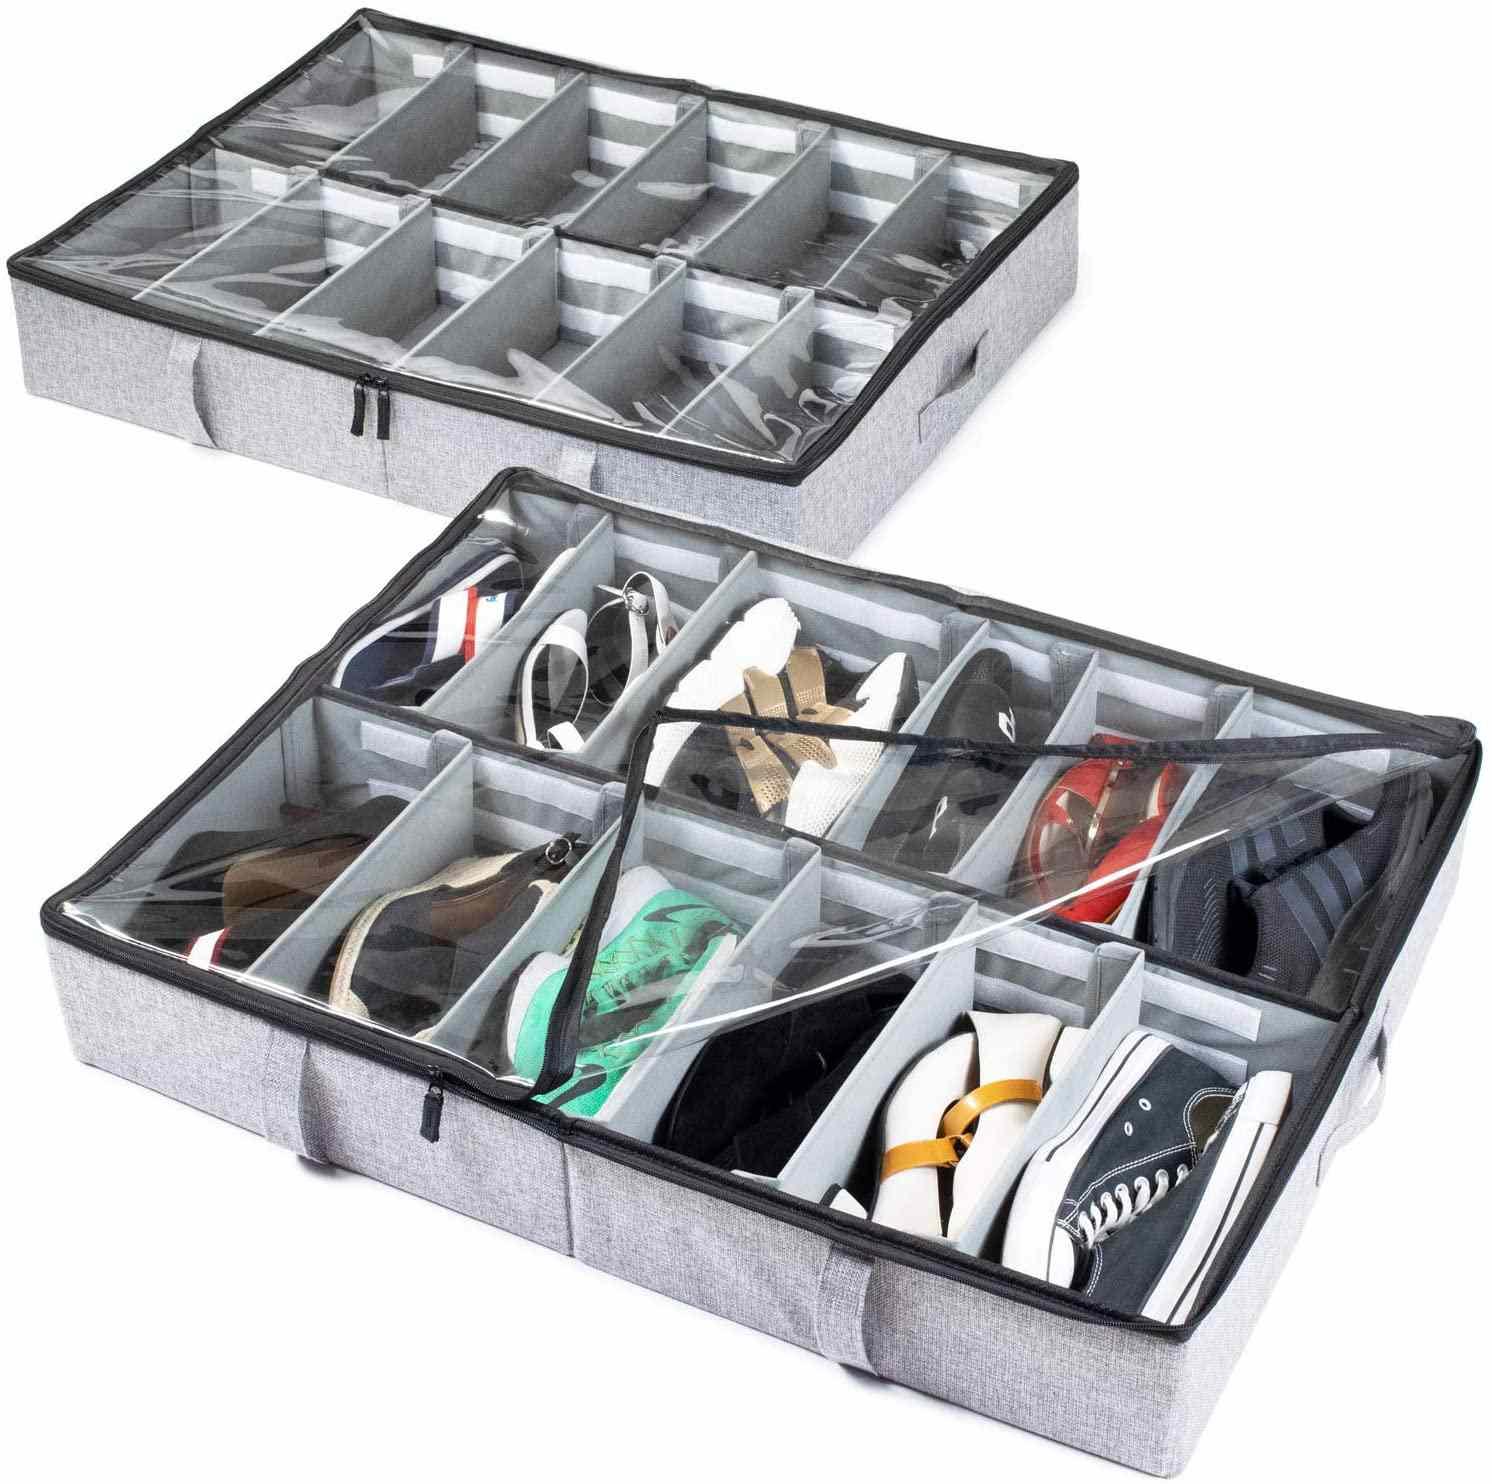 StorageLab Under Bed Shoe Storage Organizer